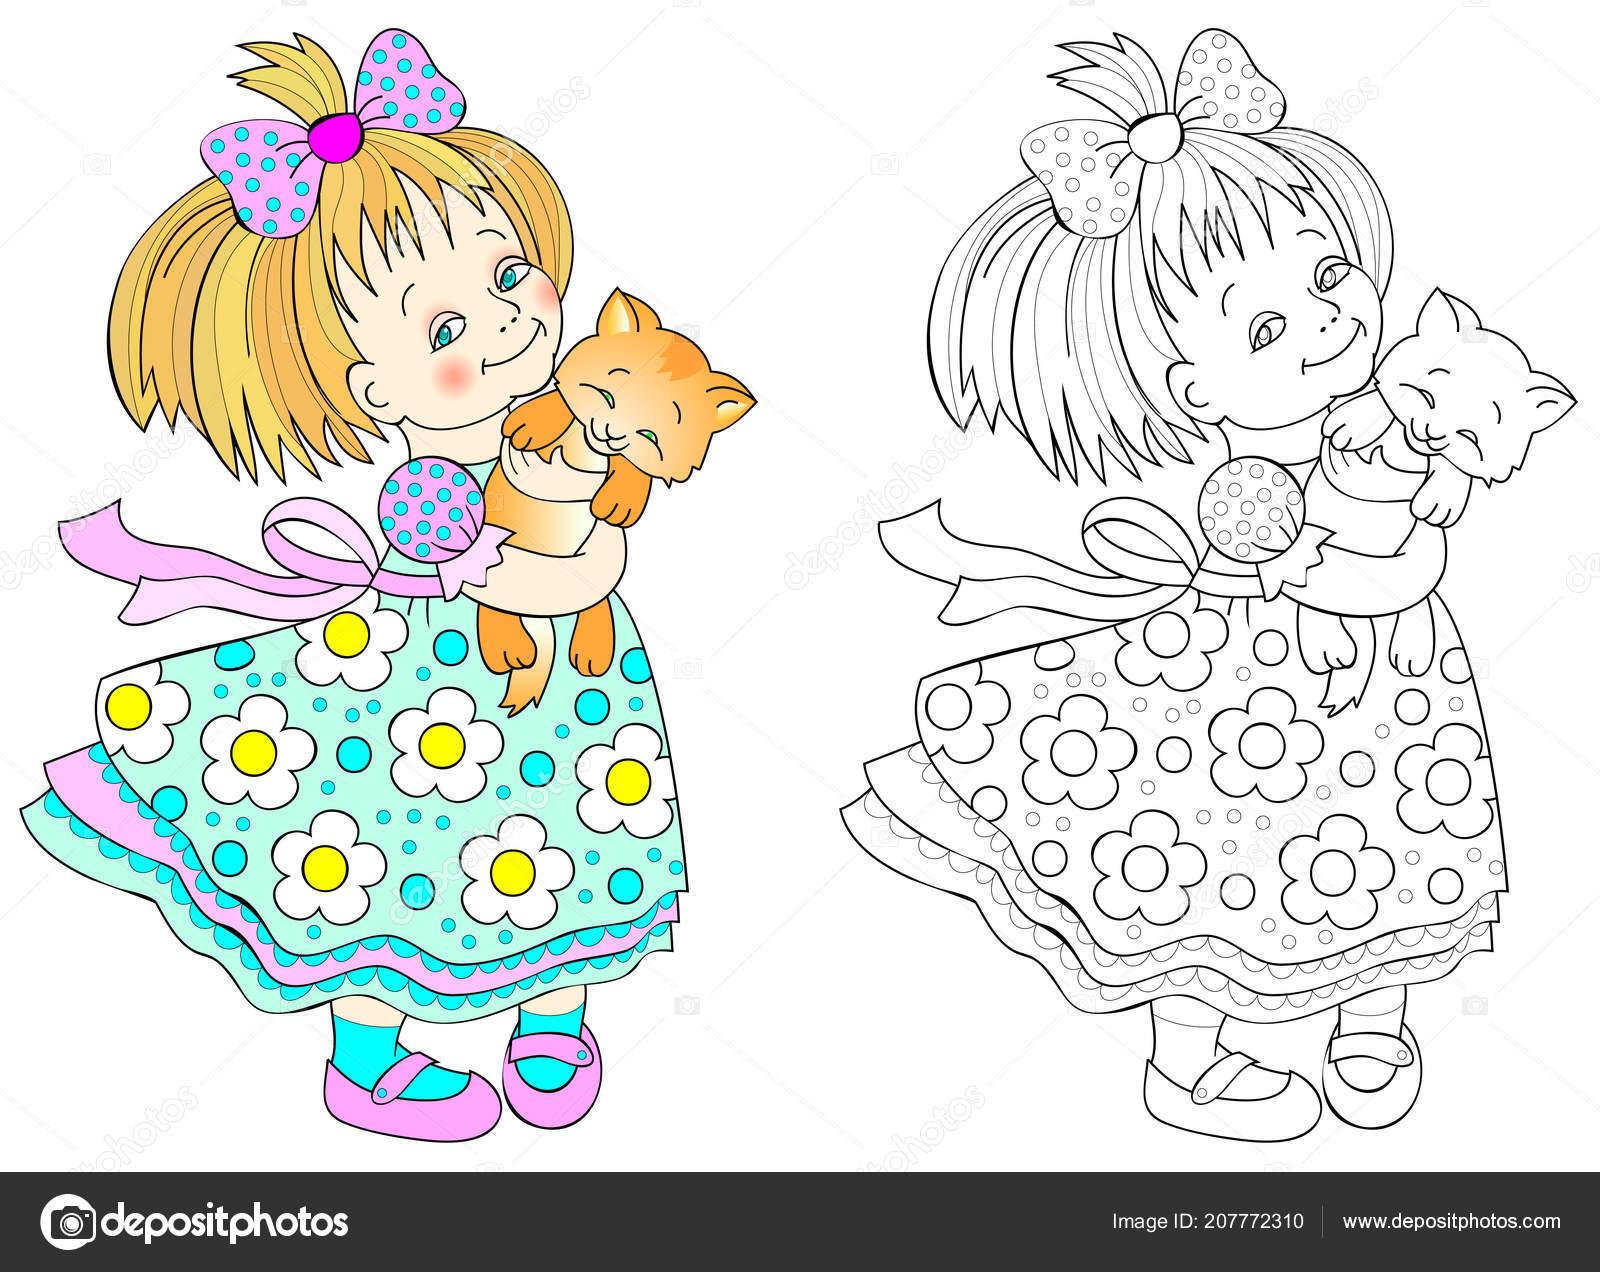 Padrão Colorido Preto Branco Para Colorir Desenho Menina